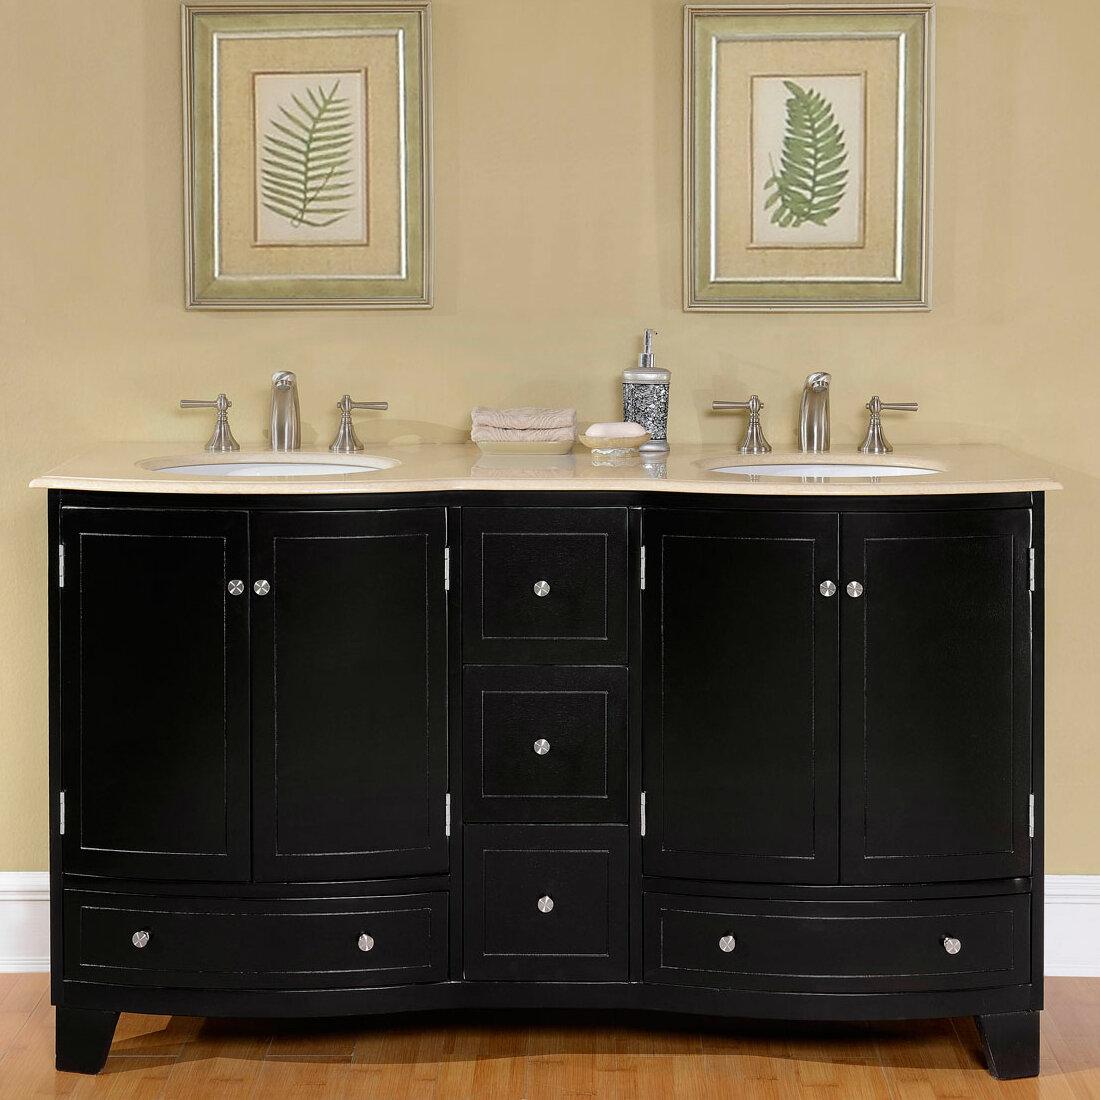 Kyng 60 Double Bathroom Vanity Set